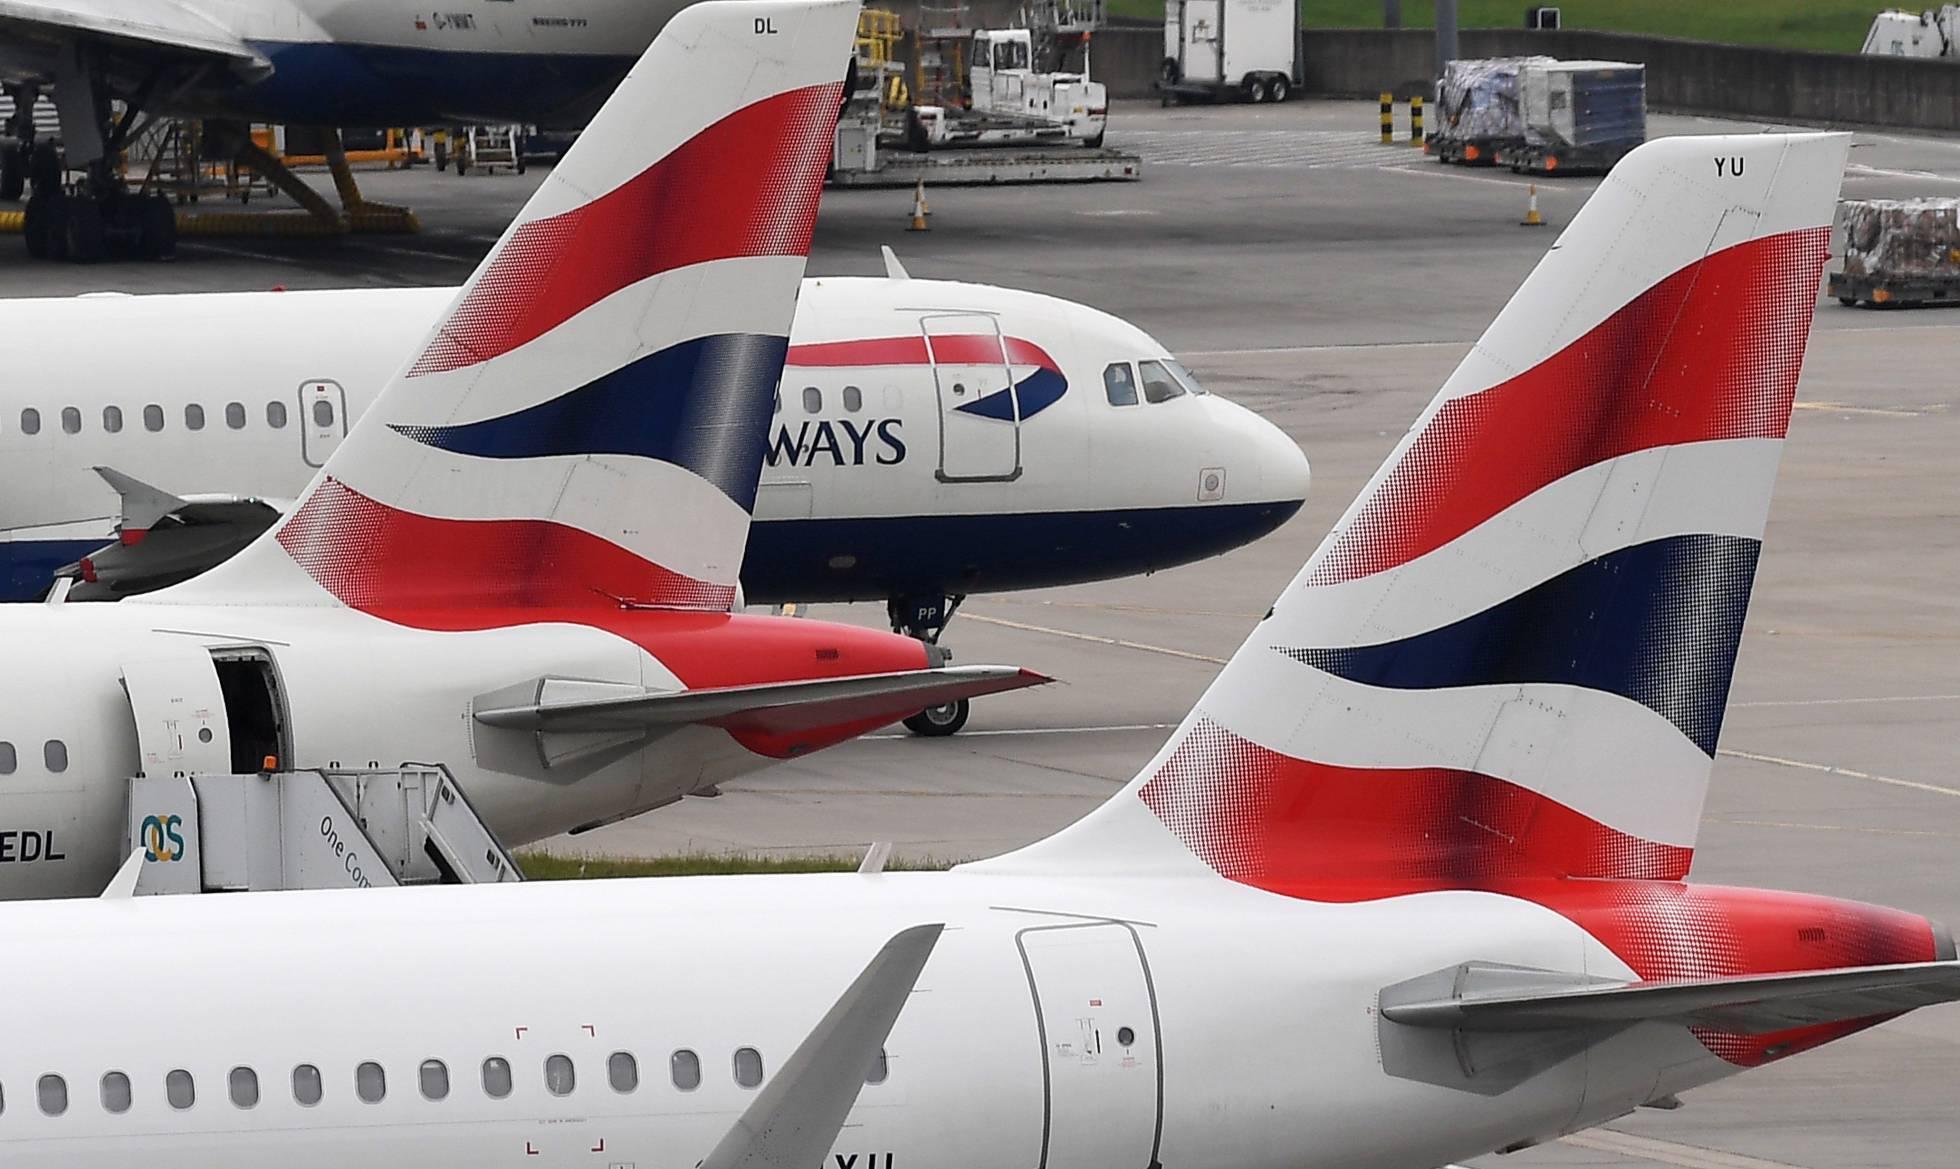 El aeropuerto londinense de Heathrow reanuda los vuelos tras el avistamiento de un dron